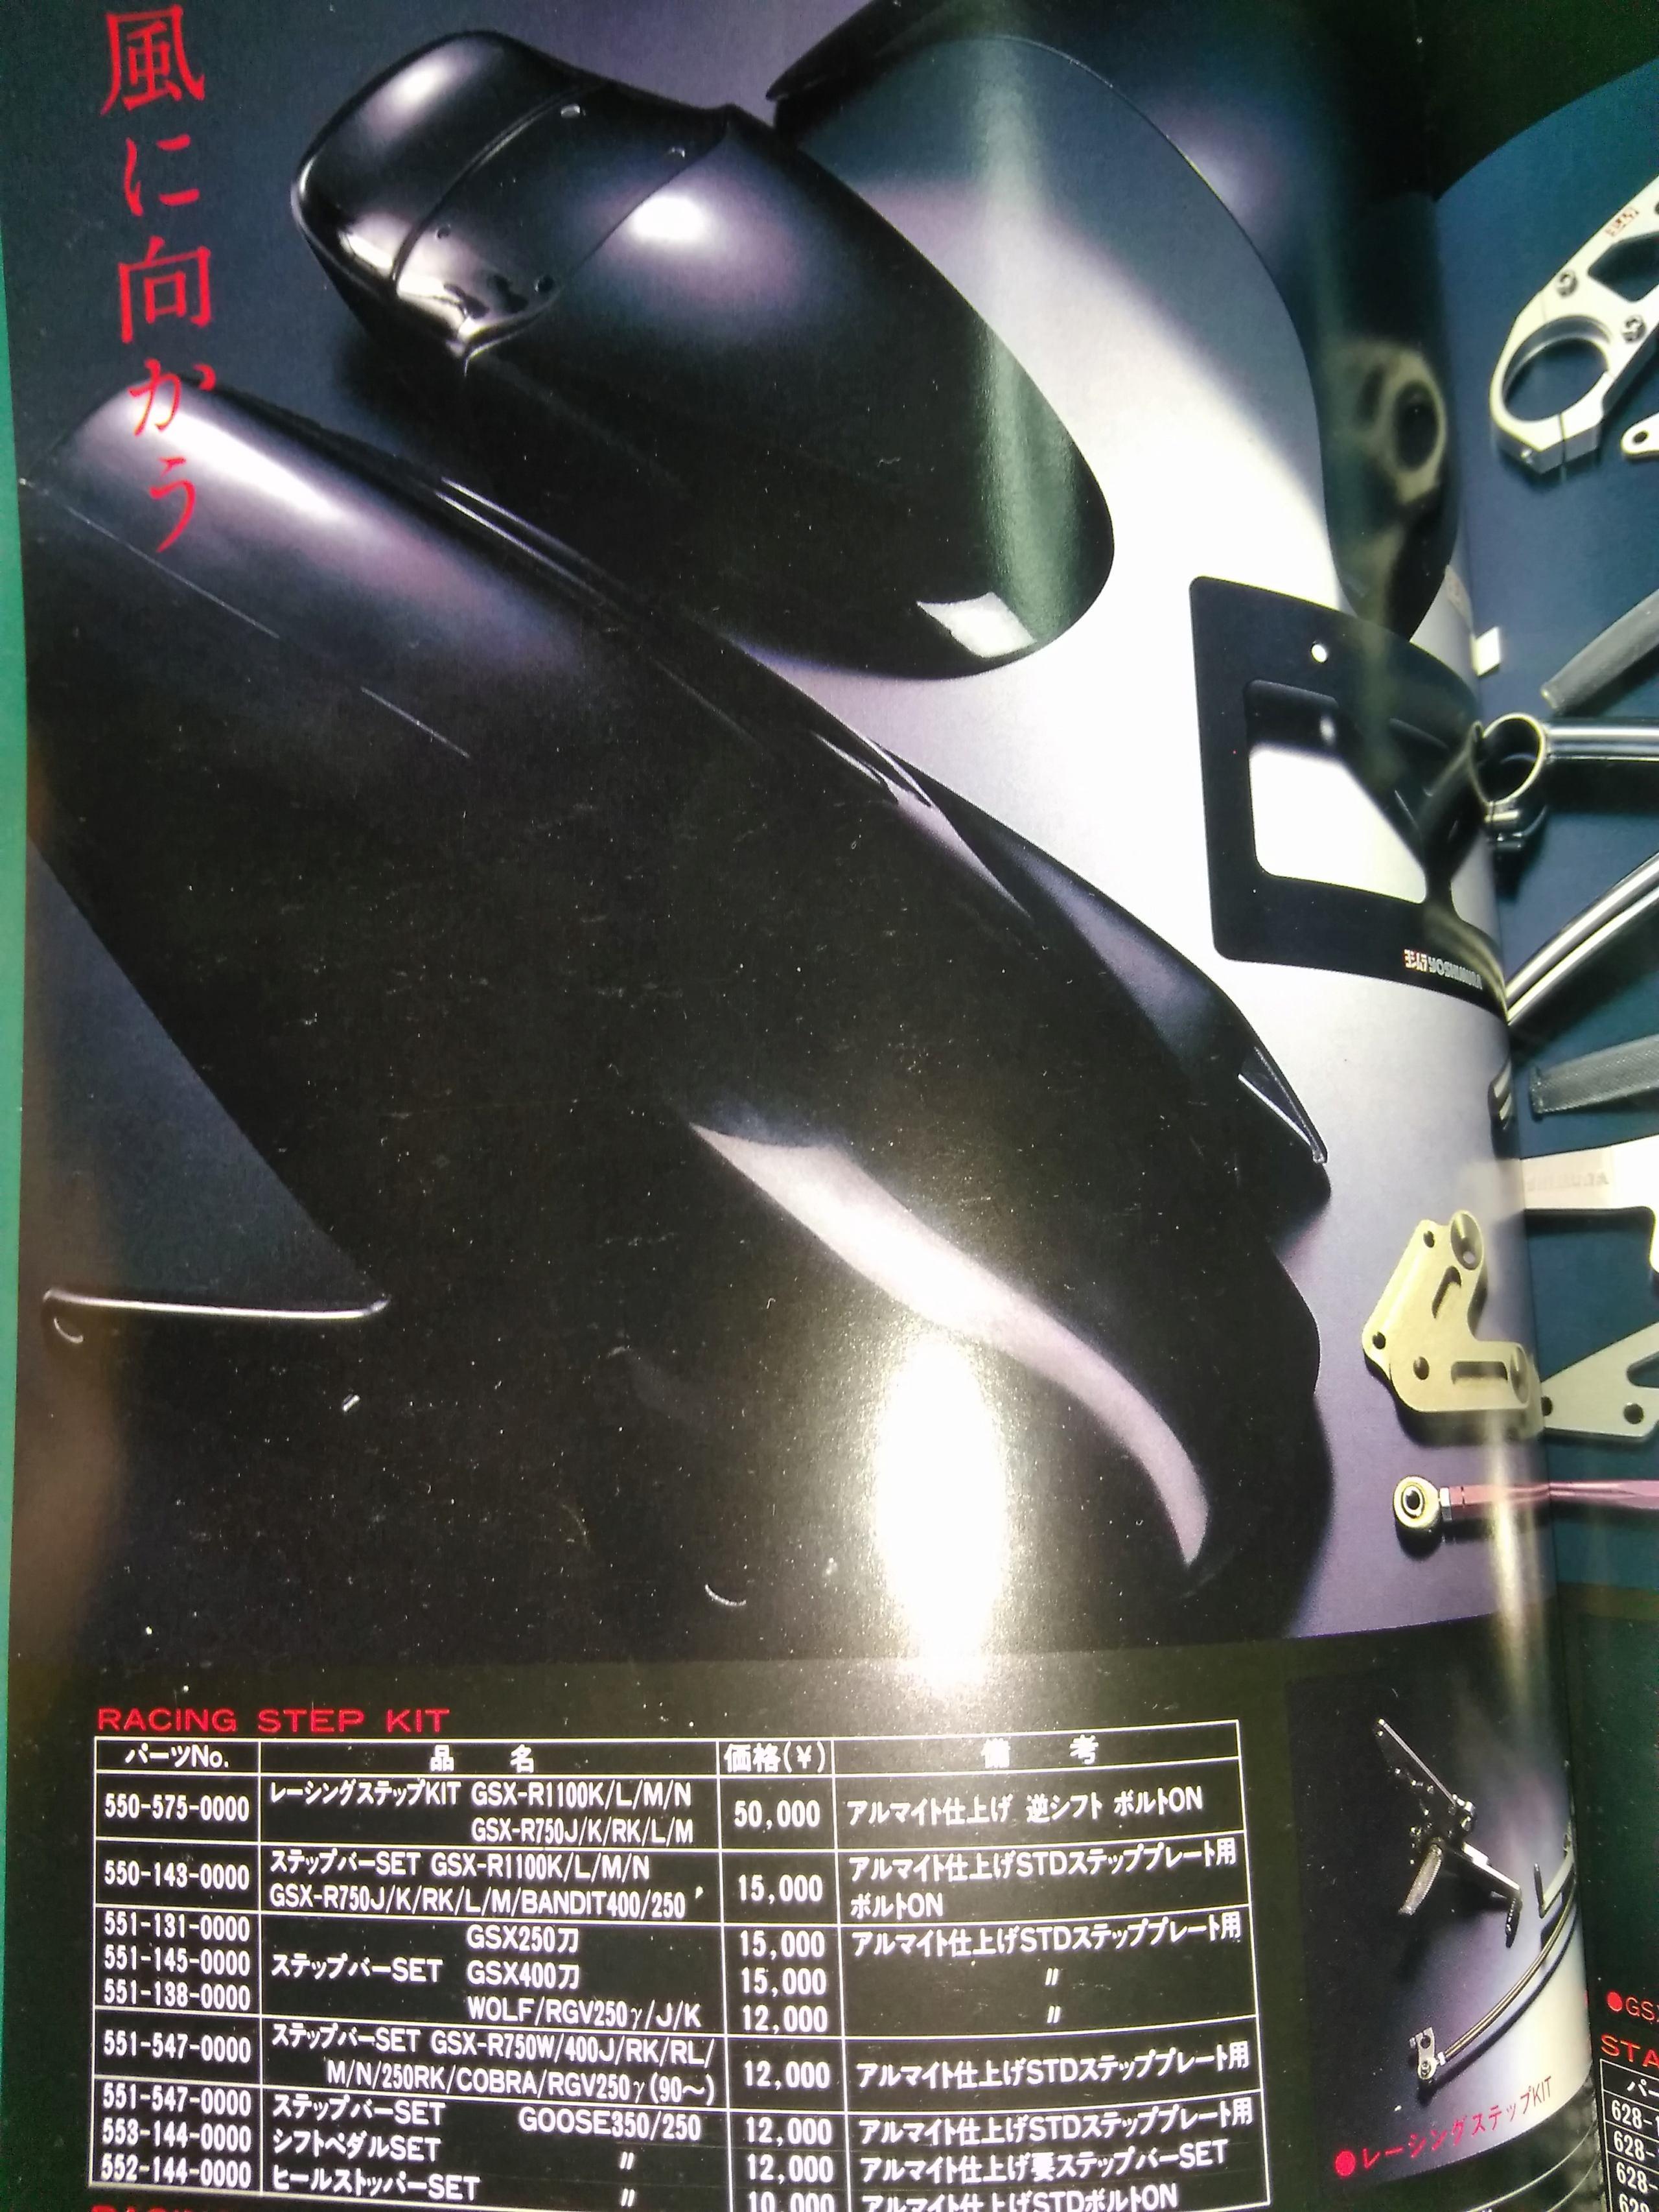 ATENCION, porno duro: Catalogo de chuches Yoshimura 93-95 Img_2014